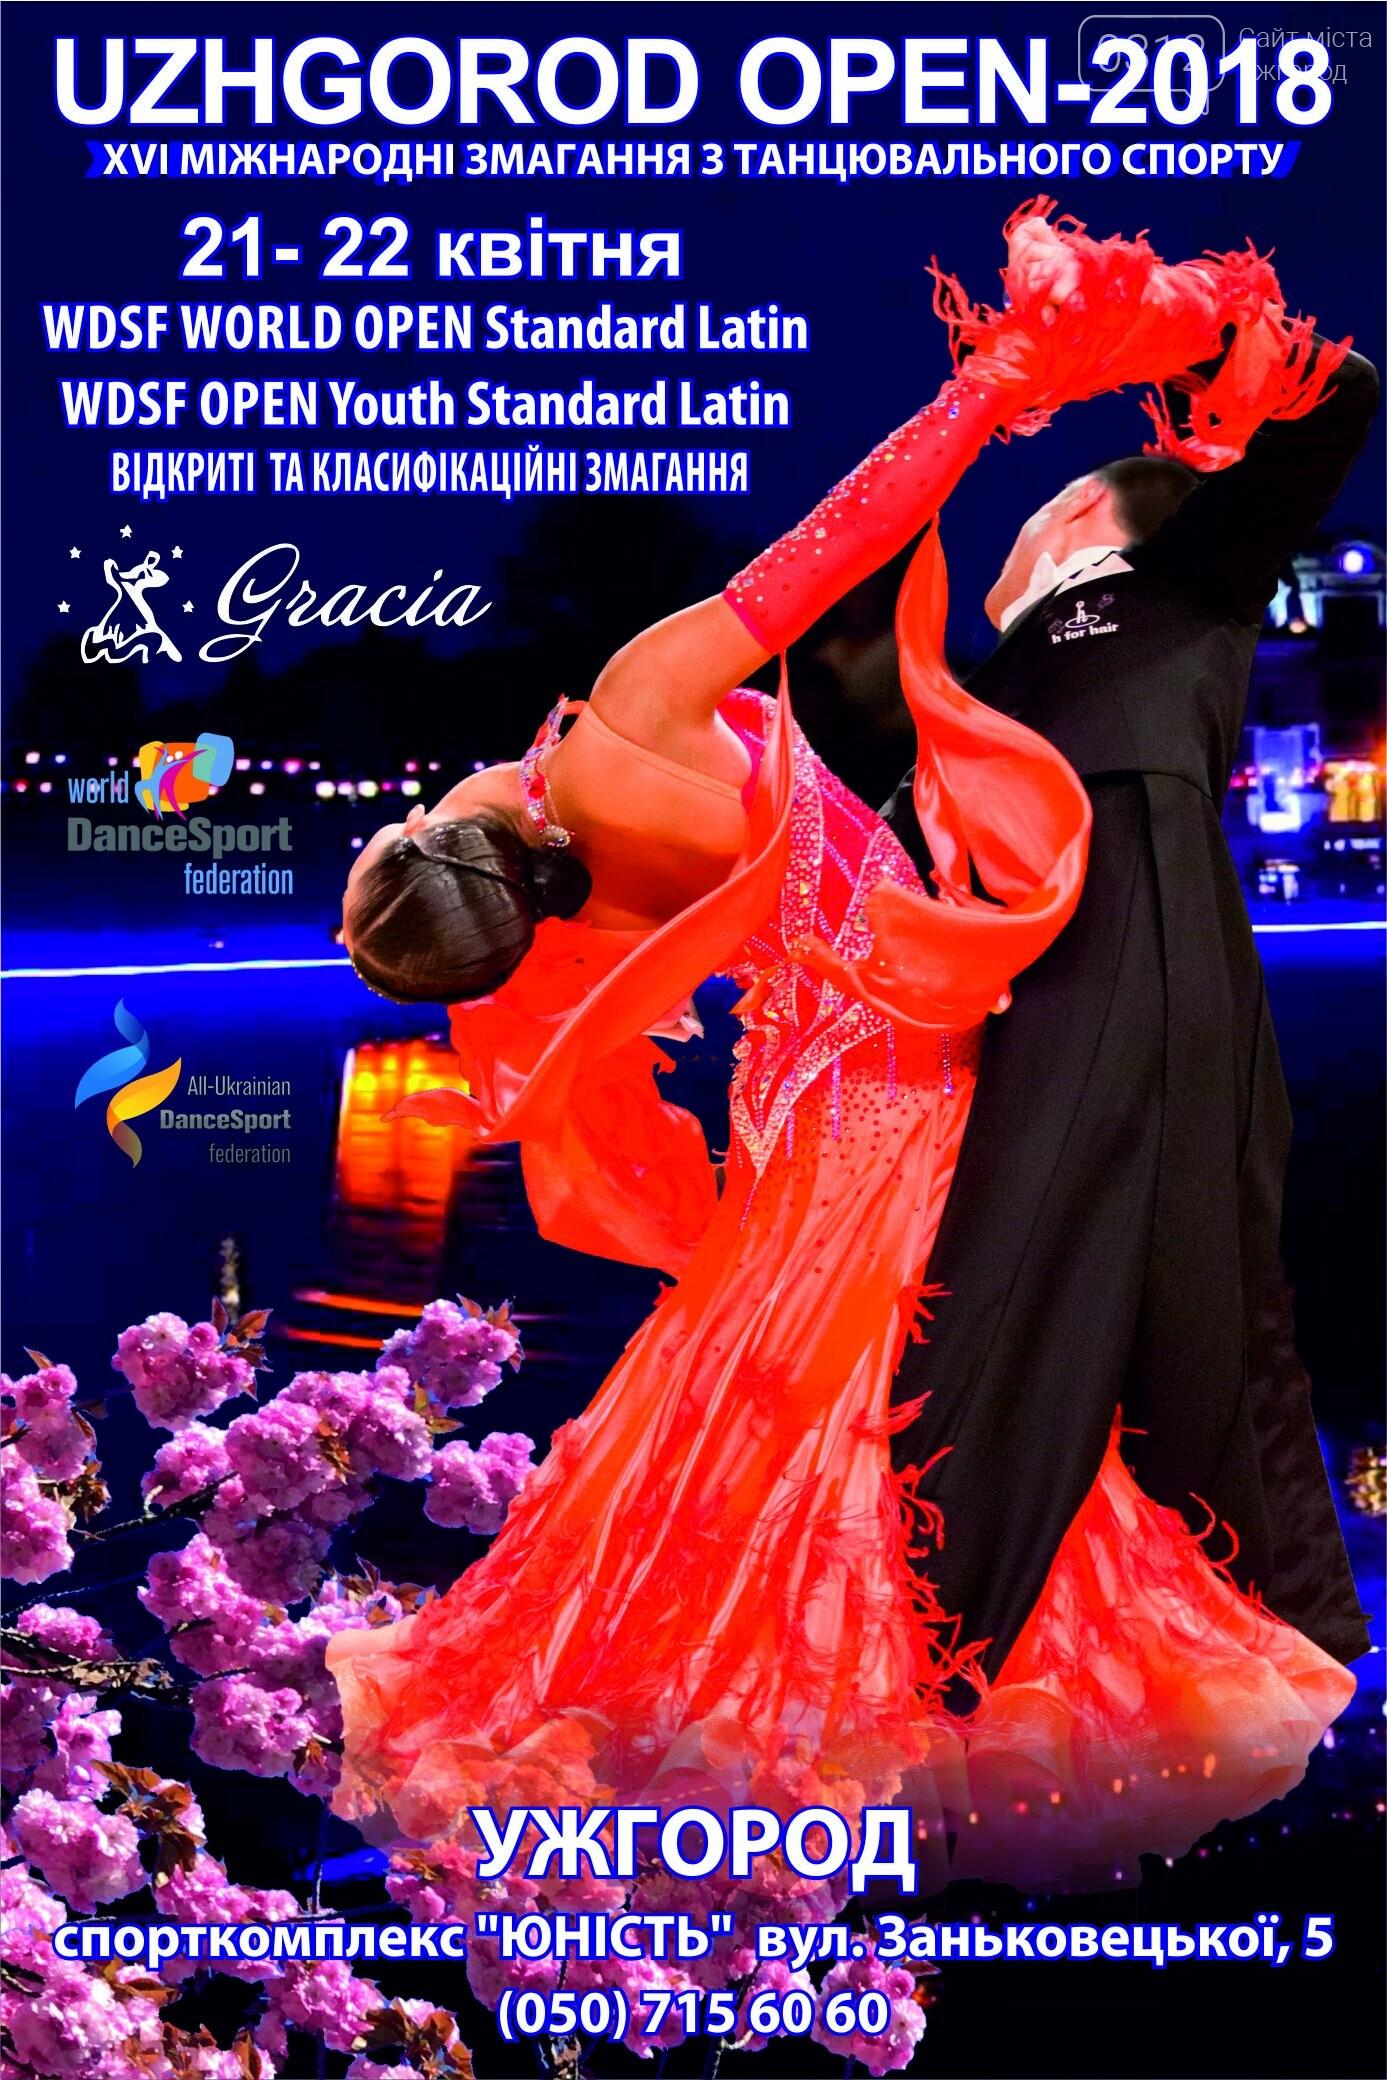 """Танці із 25 країн світу та 4-х континентів: 21-22 квітня відбудеться """"Uzhgorod Open-2018"""" (АФІША), фото-1"""